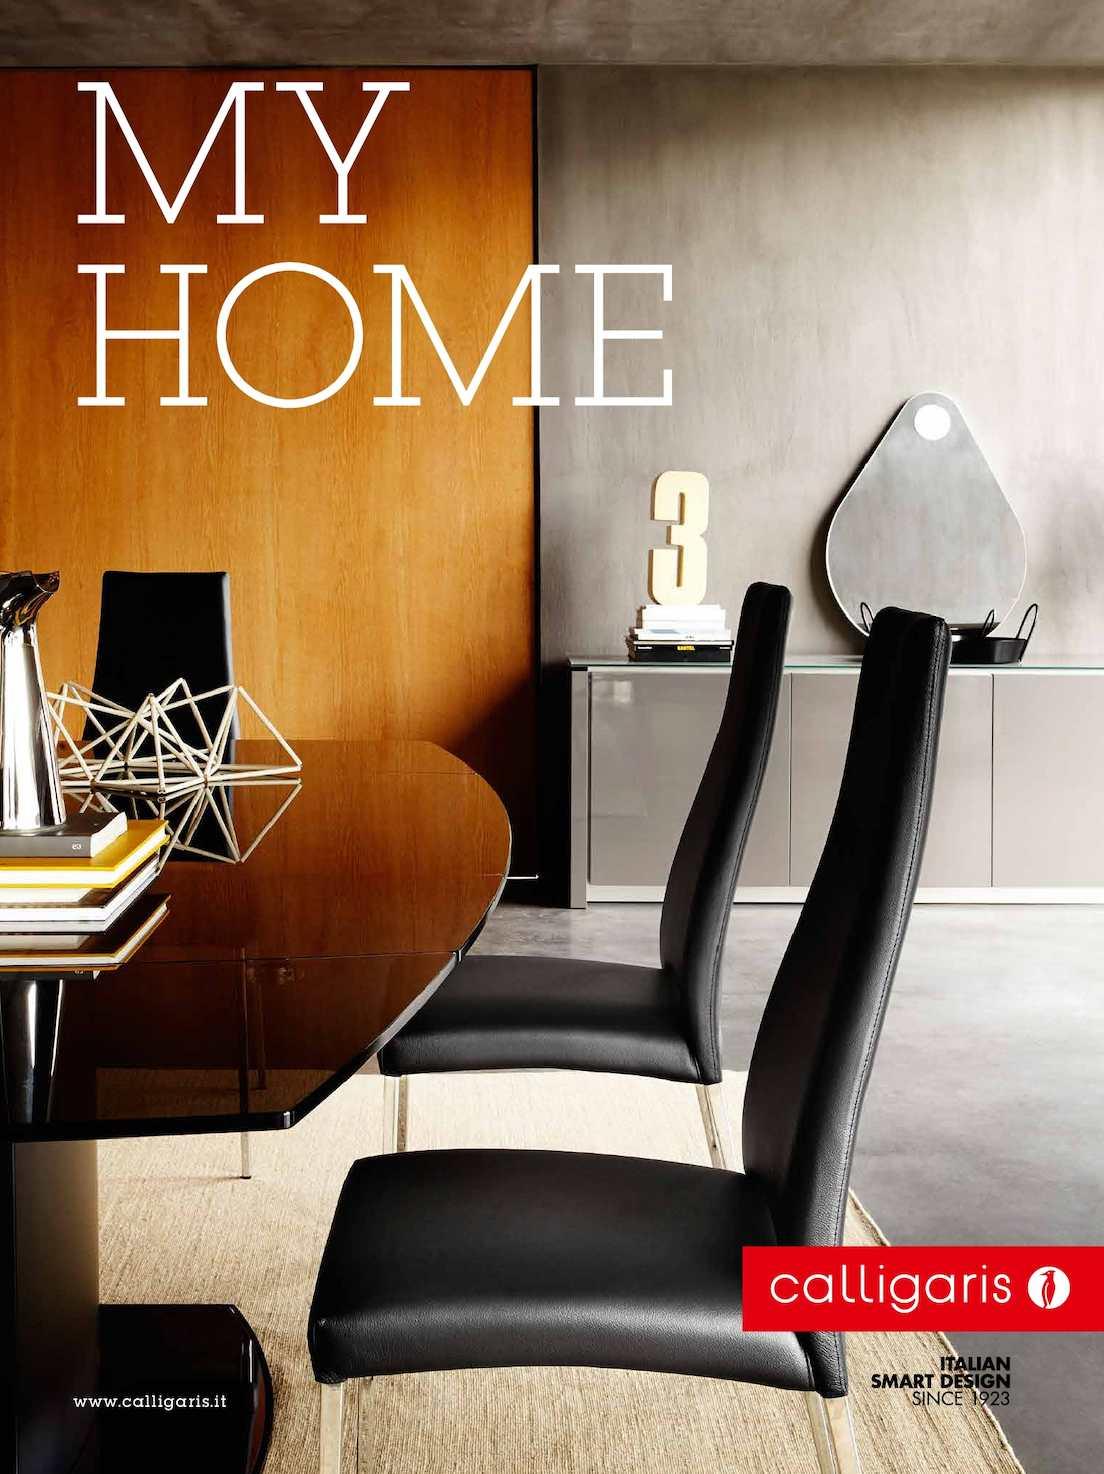 Tavolino Shell Calligaris.Calameo Calligaris My Home